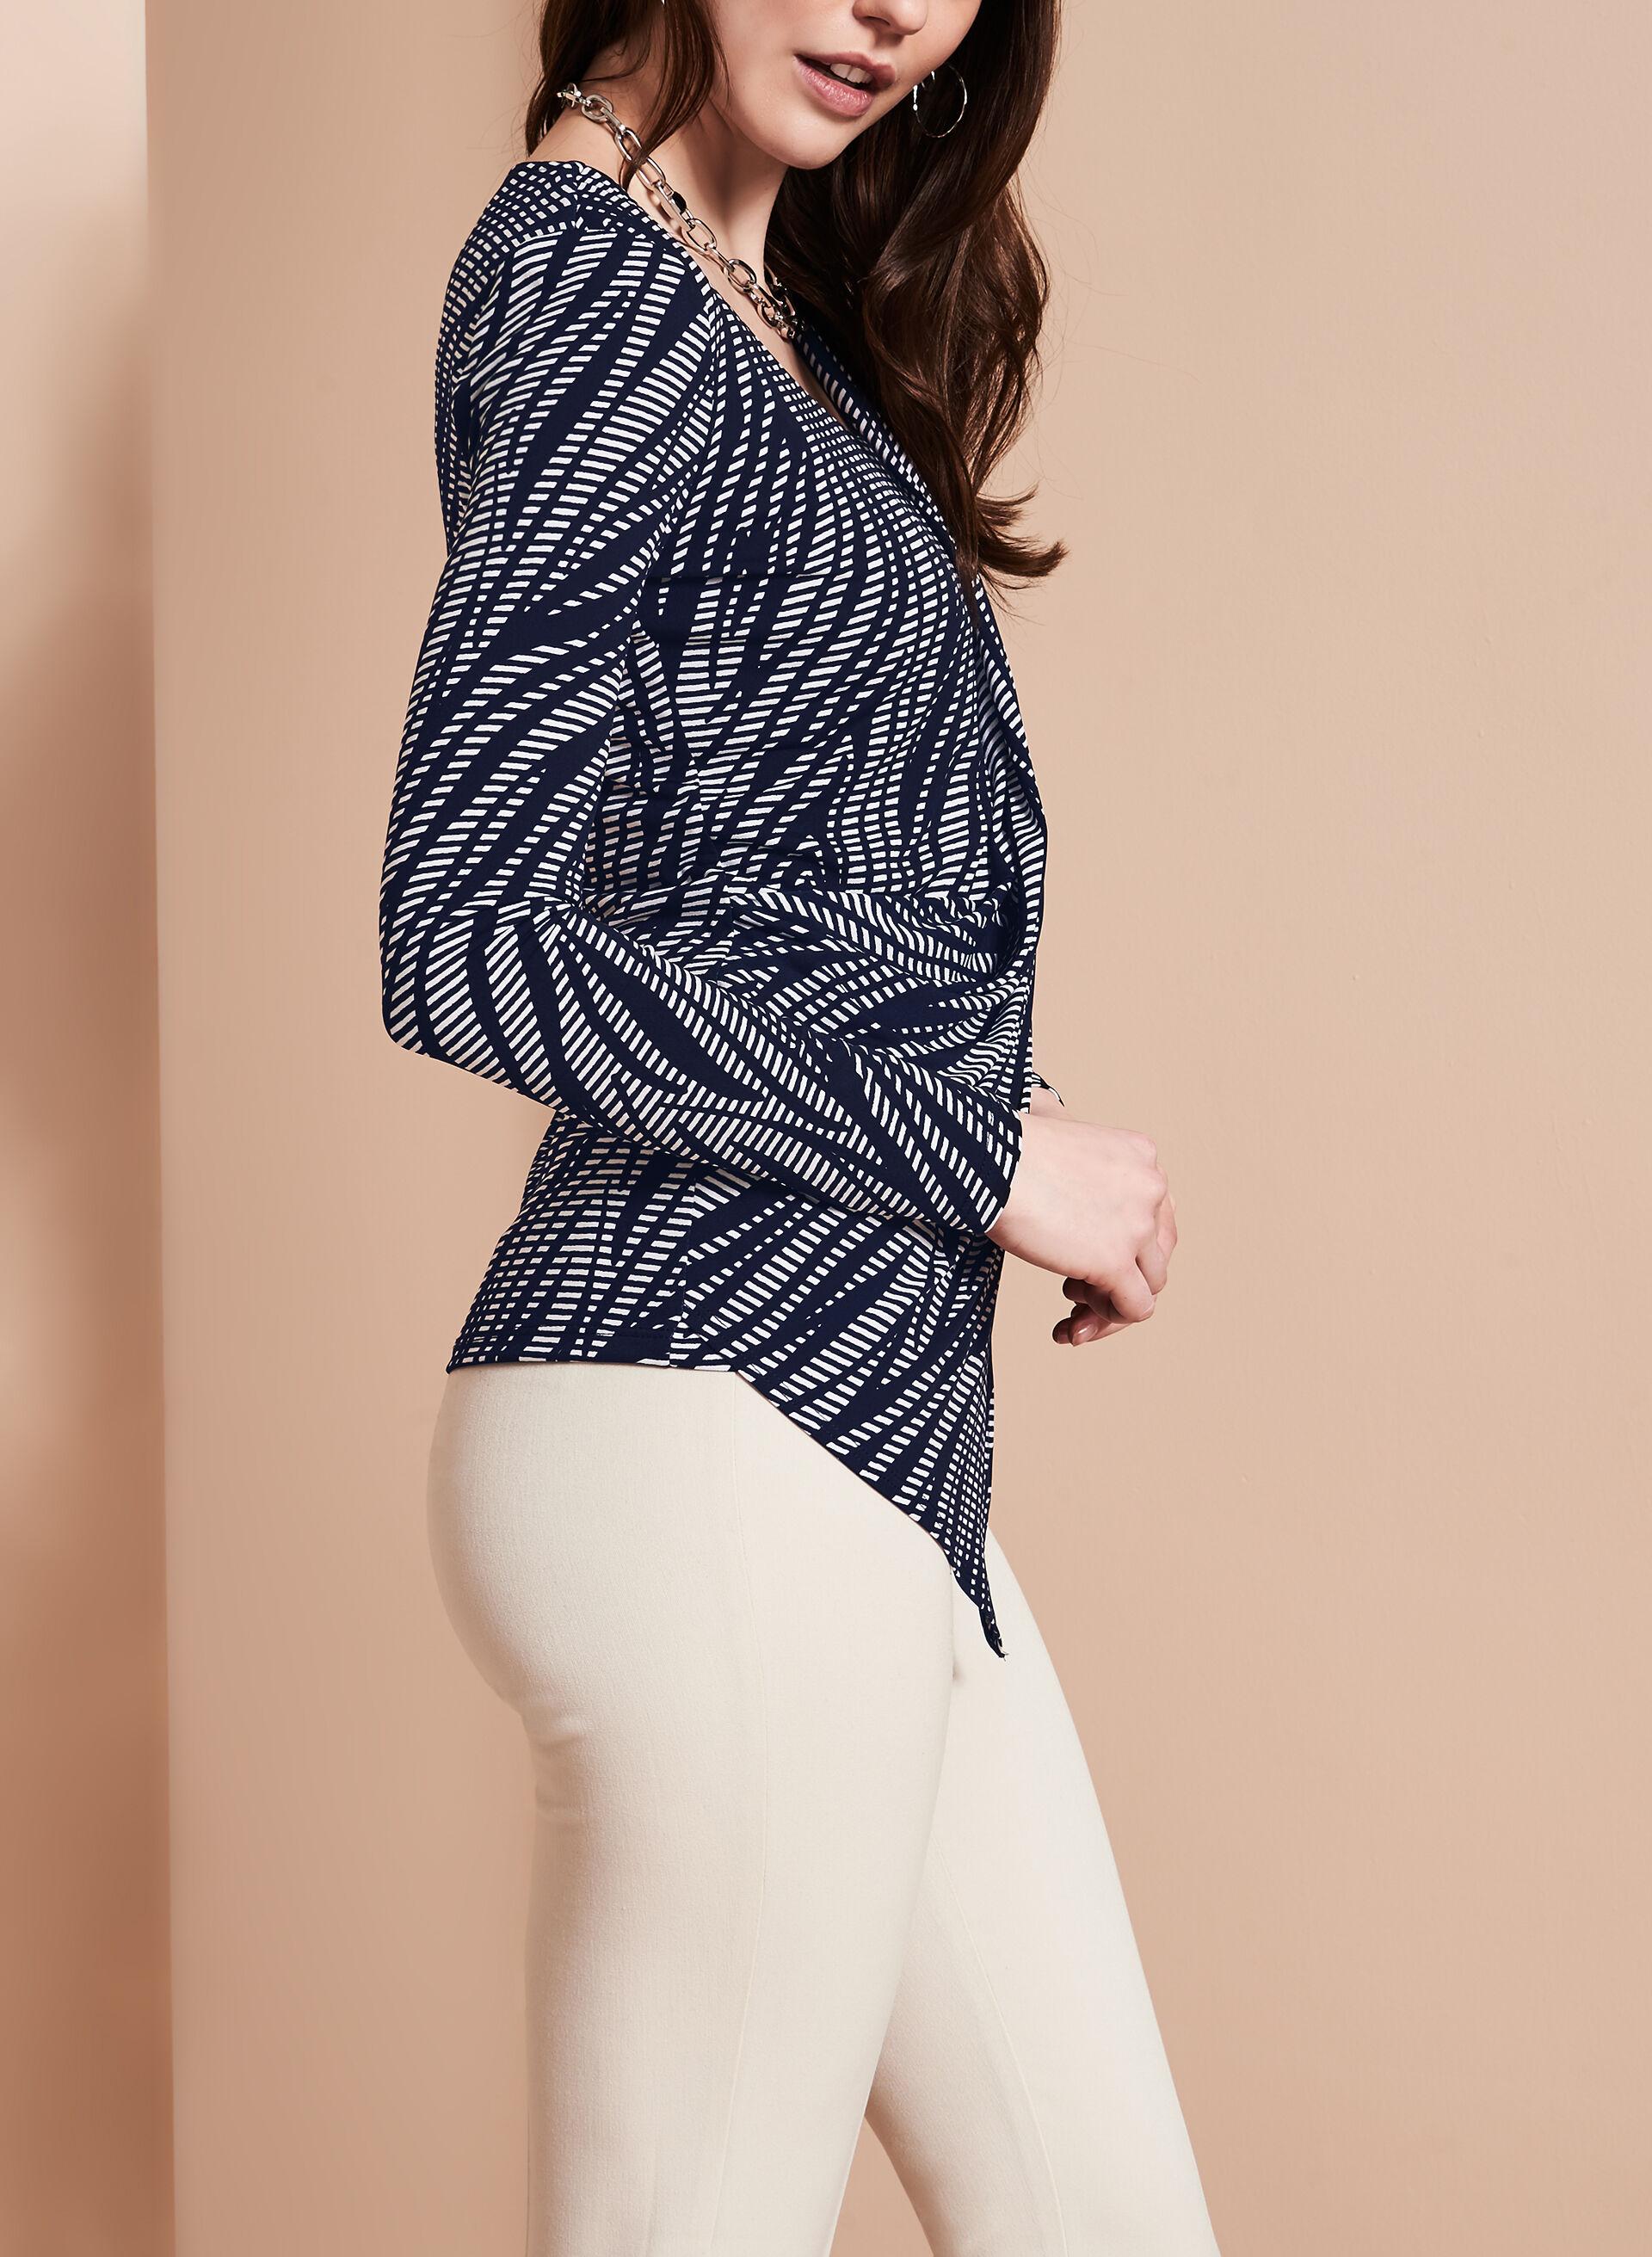 Asymmetric Faux Wrap Top | Melanie Lyne